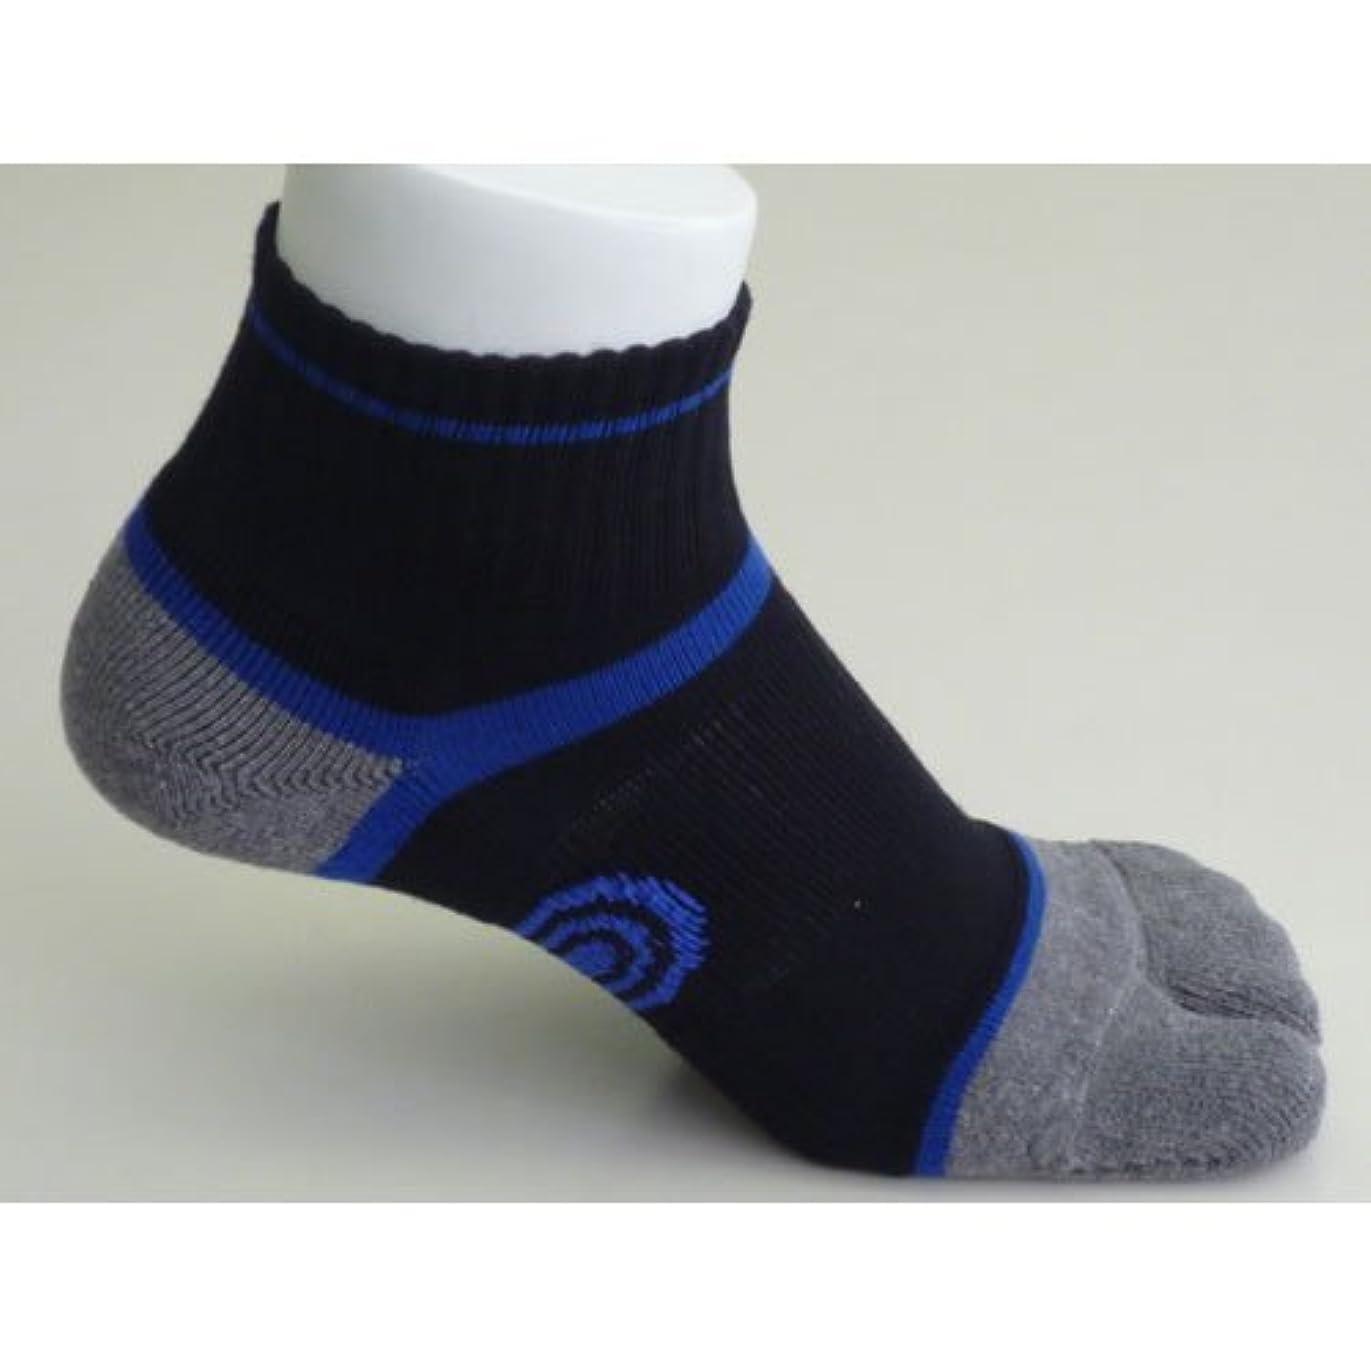 シュリンクミッション振る草鞋ソックス M(25-27cm)ブルー 【わらじソックス】【炭の靴下】【足袋型】